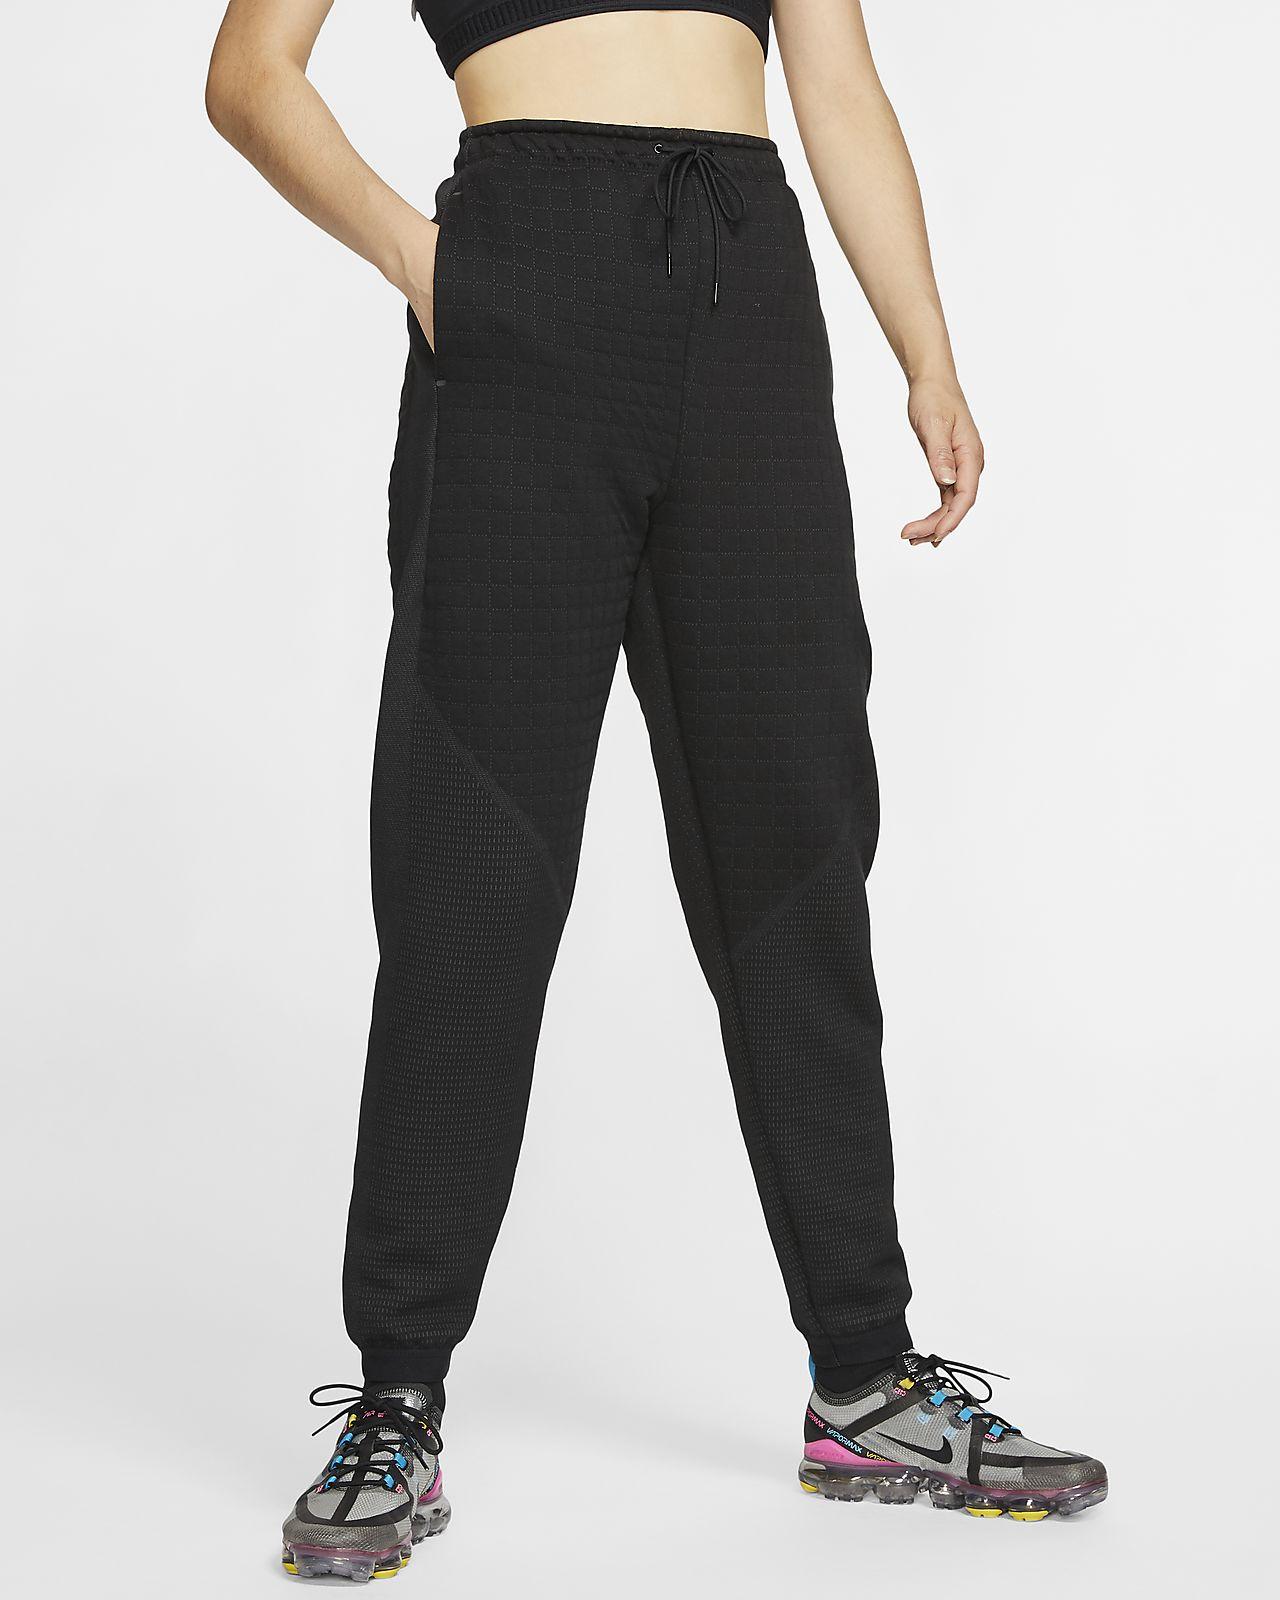 Nike Sportswear City Ready Women's Fleece Trousers